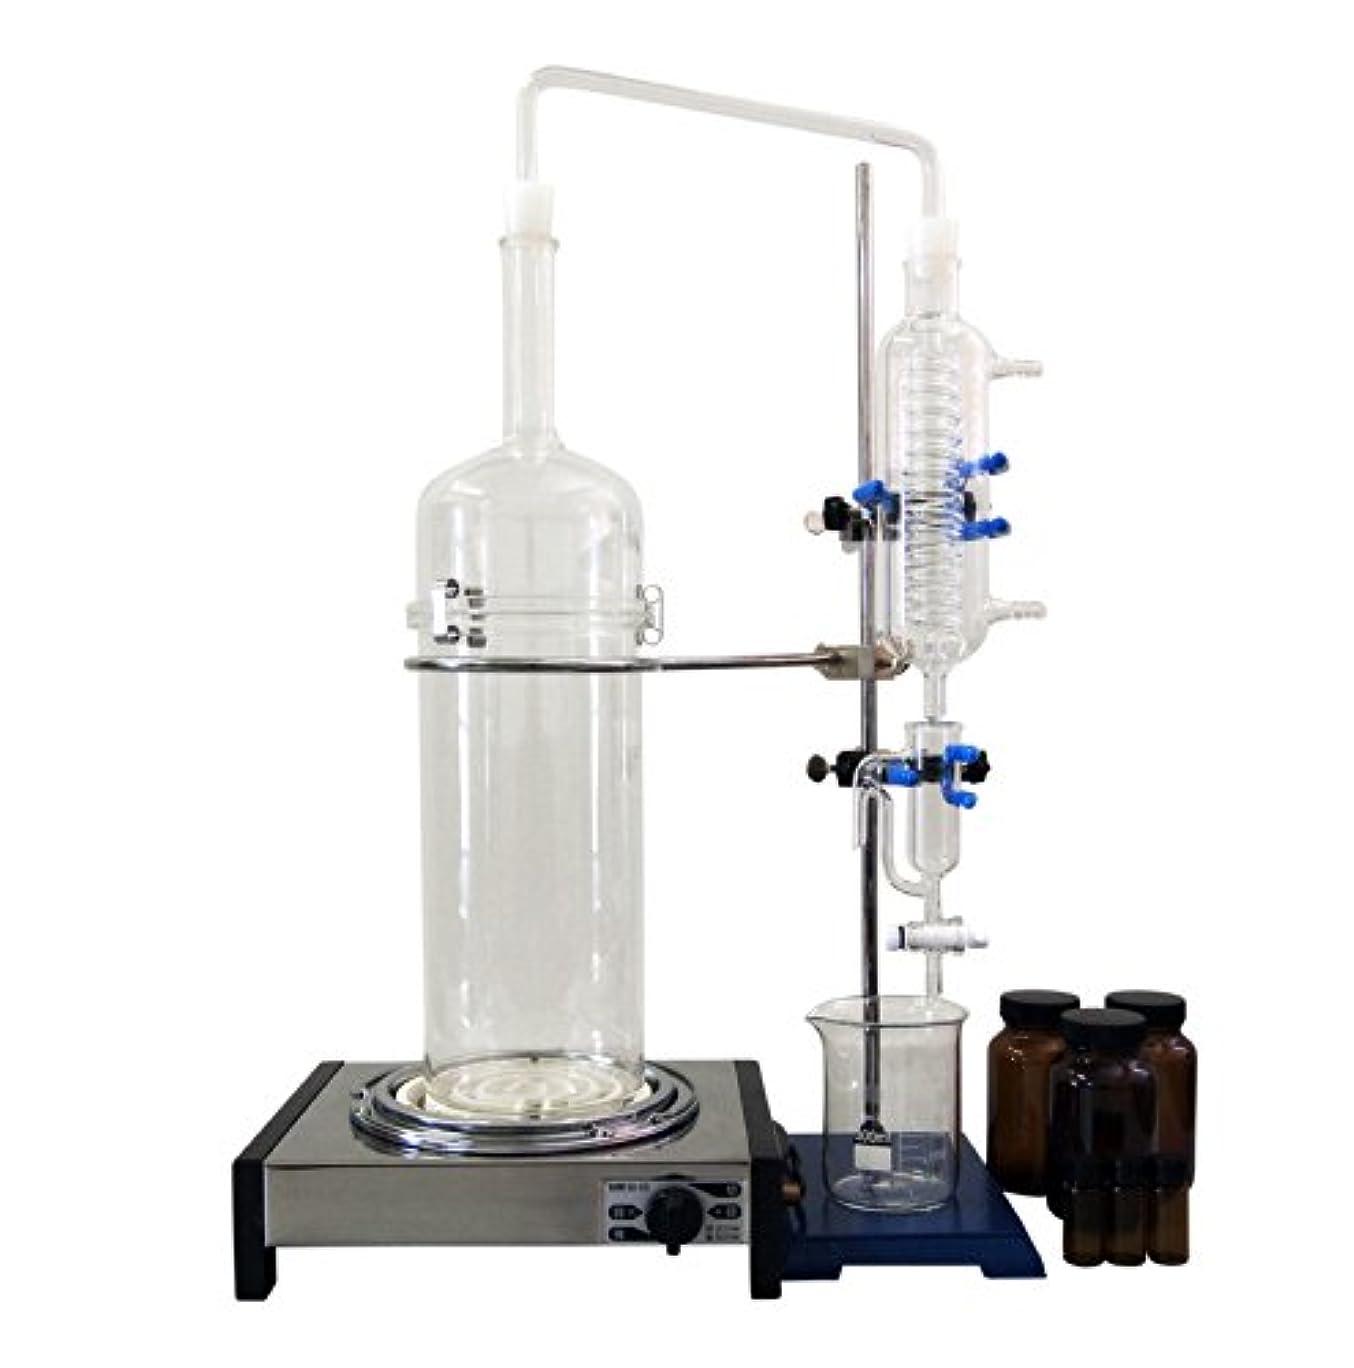 予約インキュバス梨ハーブ蒸留器/ピュアスティーラーライト/K-HJ200(OilSP) 簡易水循環装置セット